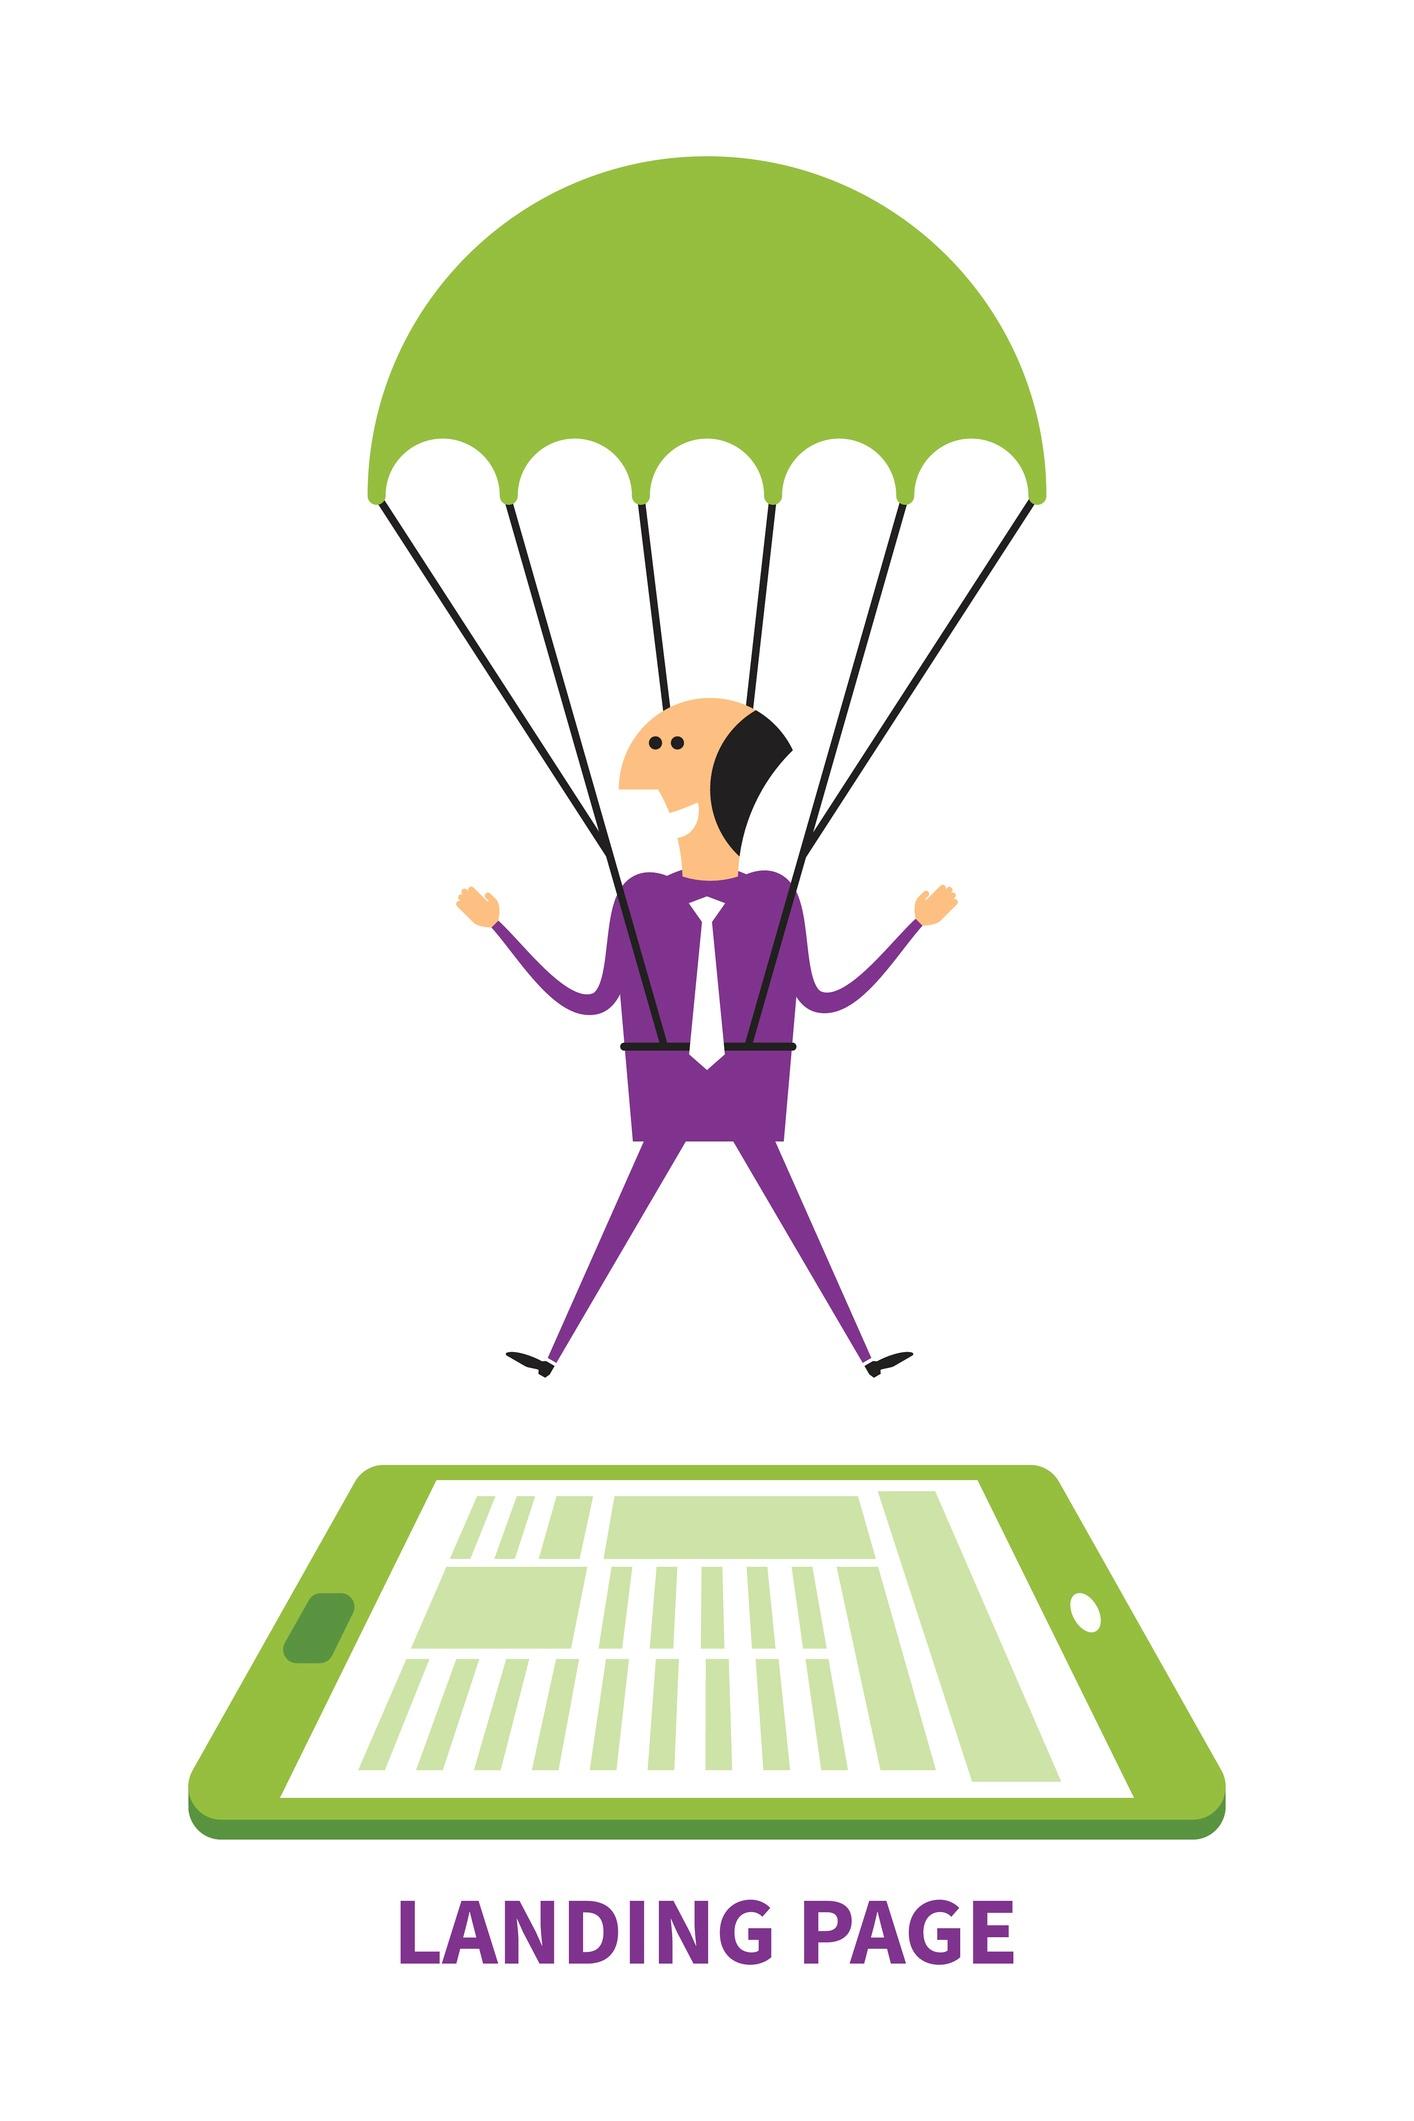 http://cdn2.hubspot.net/hubfs/497826/improve-landing-page-experience.jpg